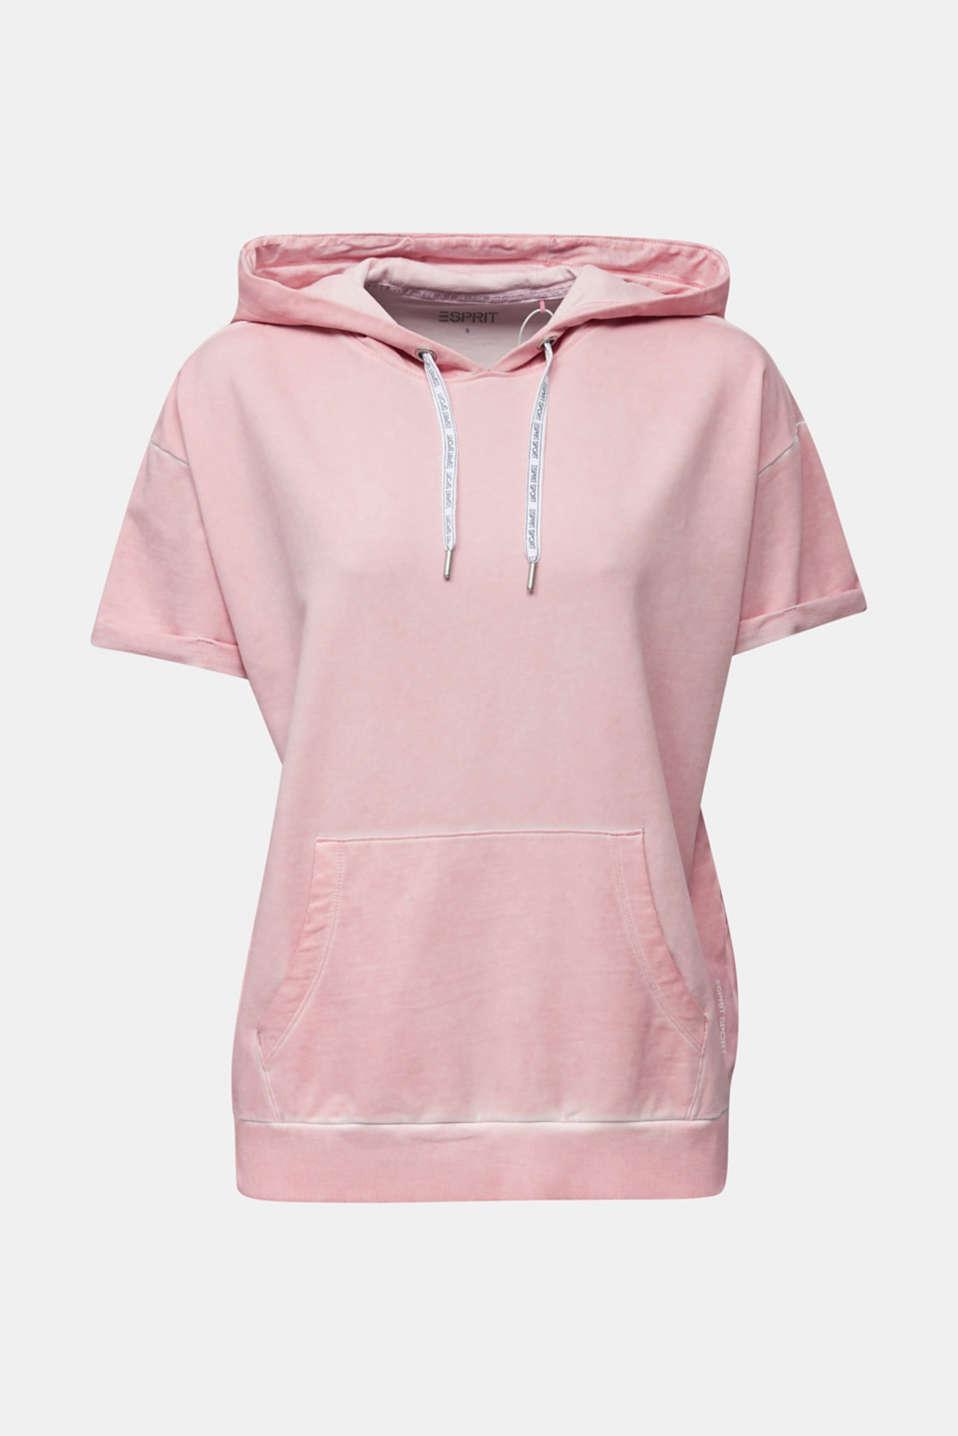 Short-sleeved hoodie in a vintage look, LIGHT PINK, detail image number 5